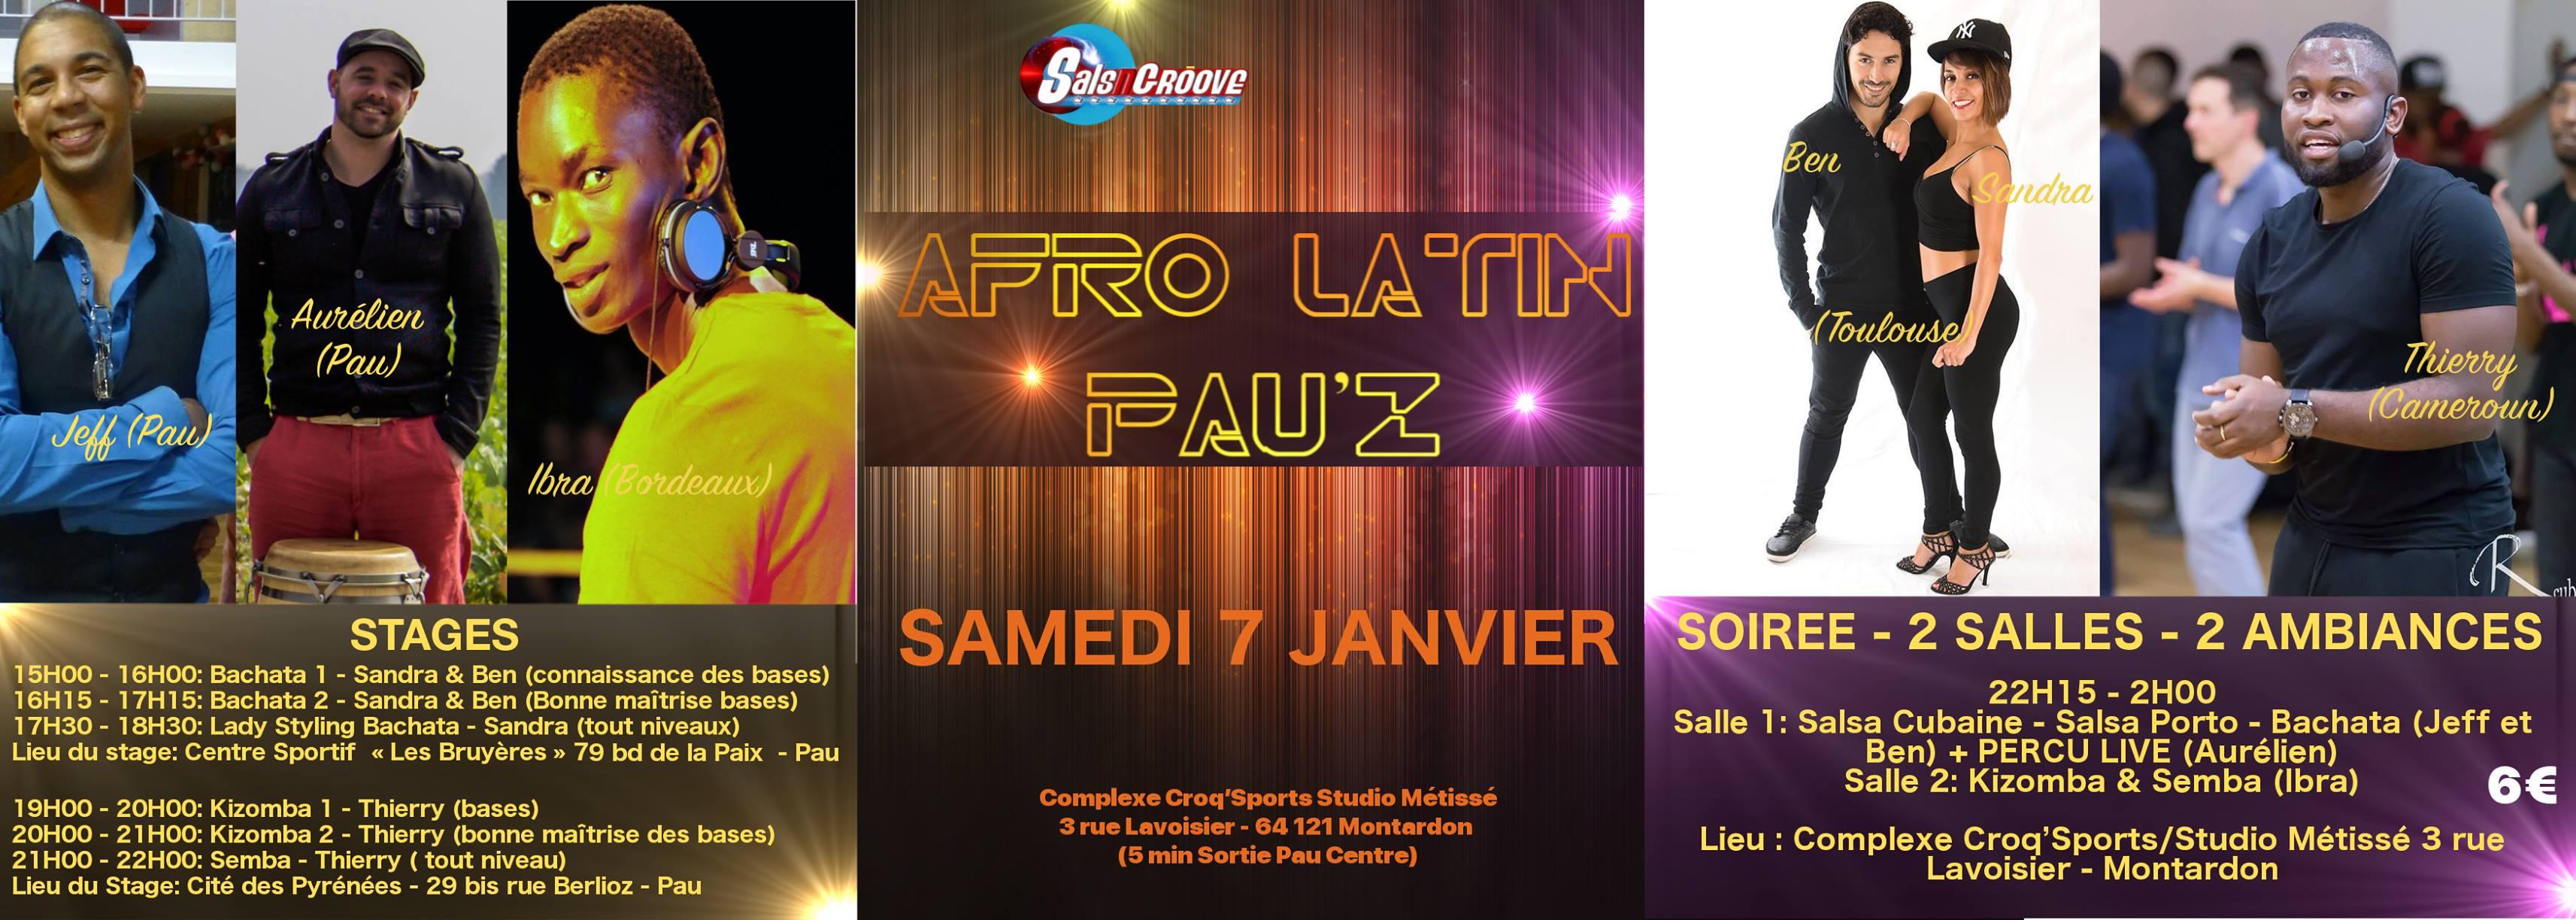 Afro Latin Pau'Z et stages le samedi 7 janvier